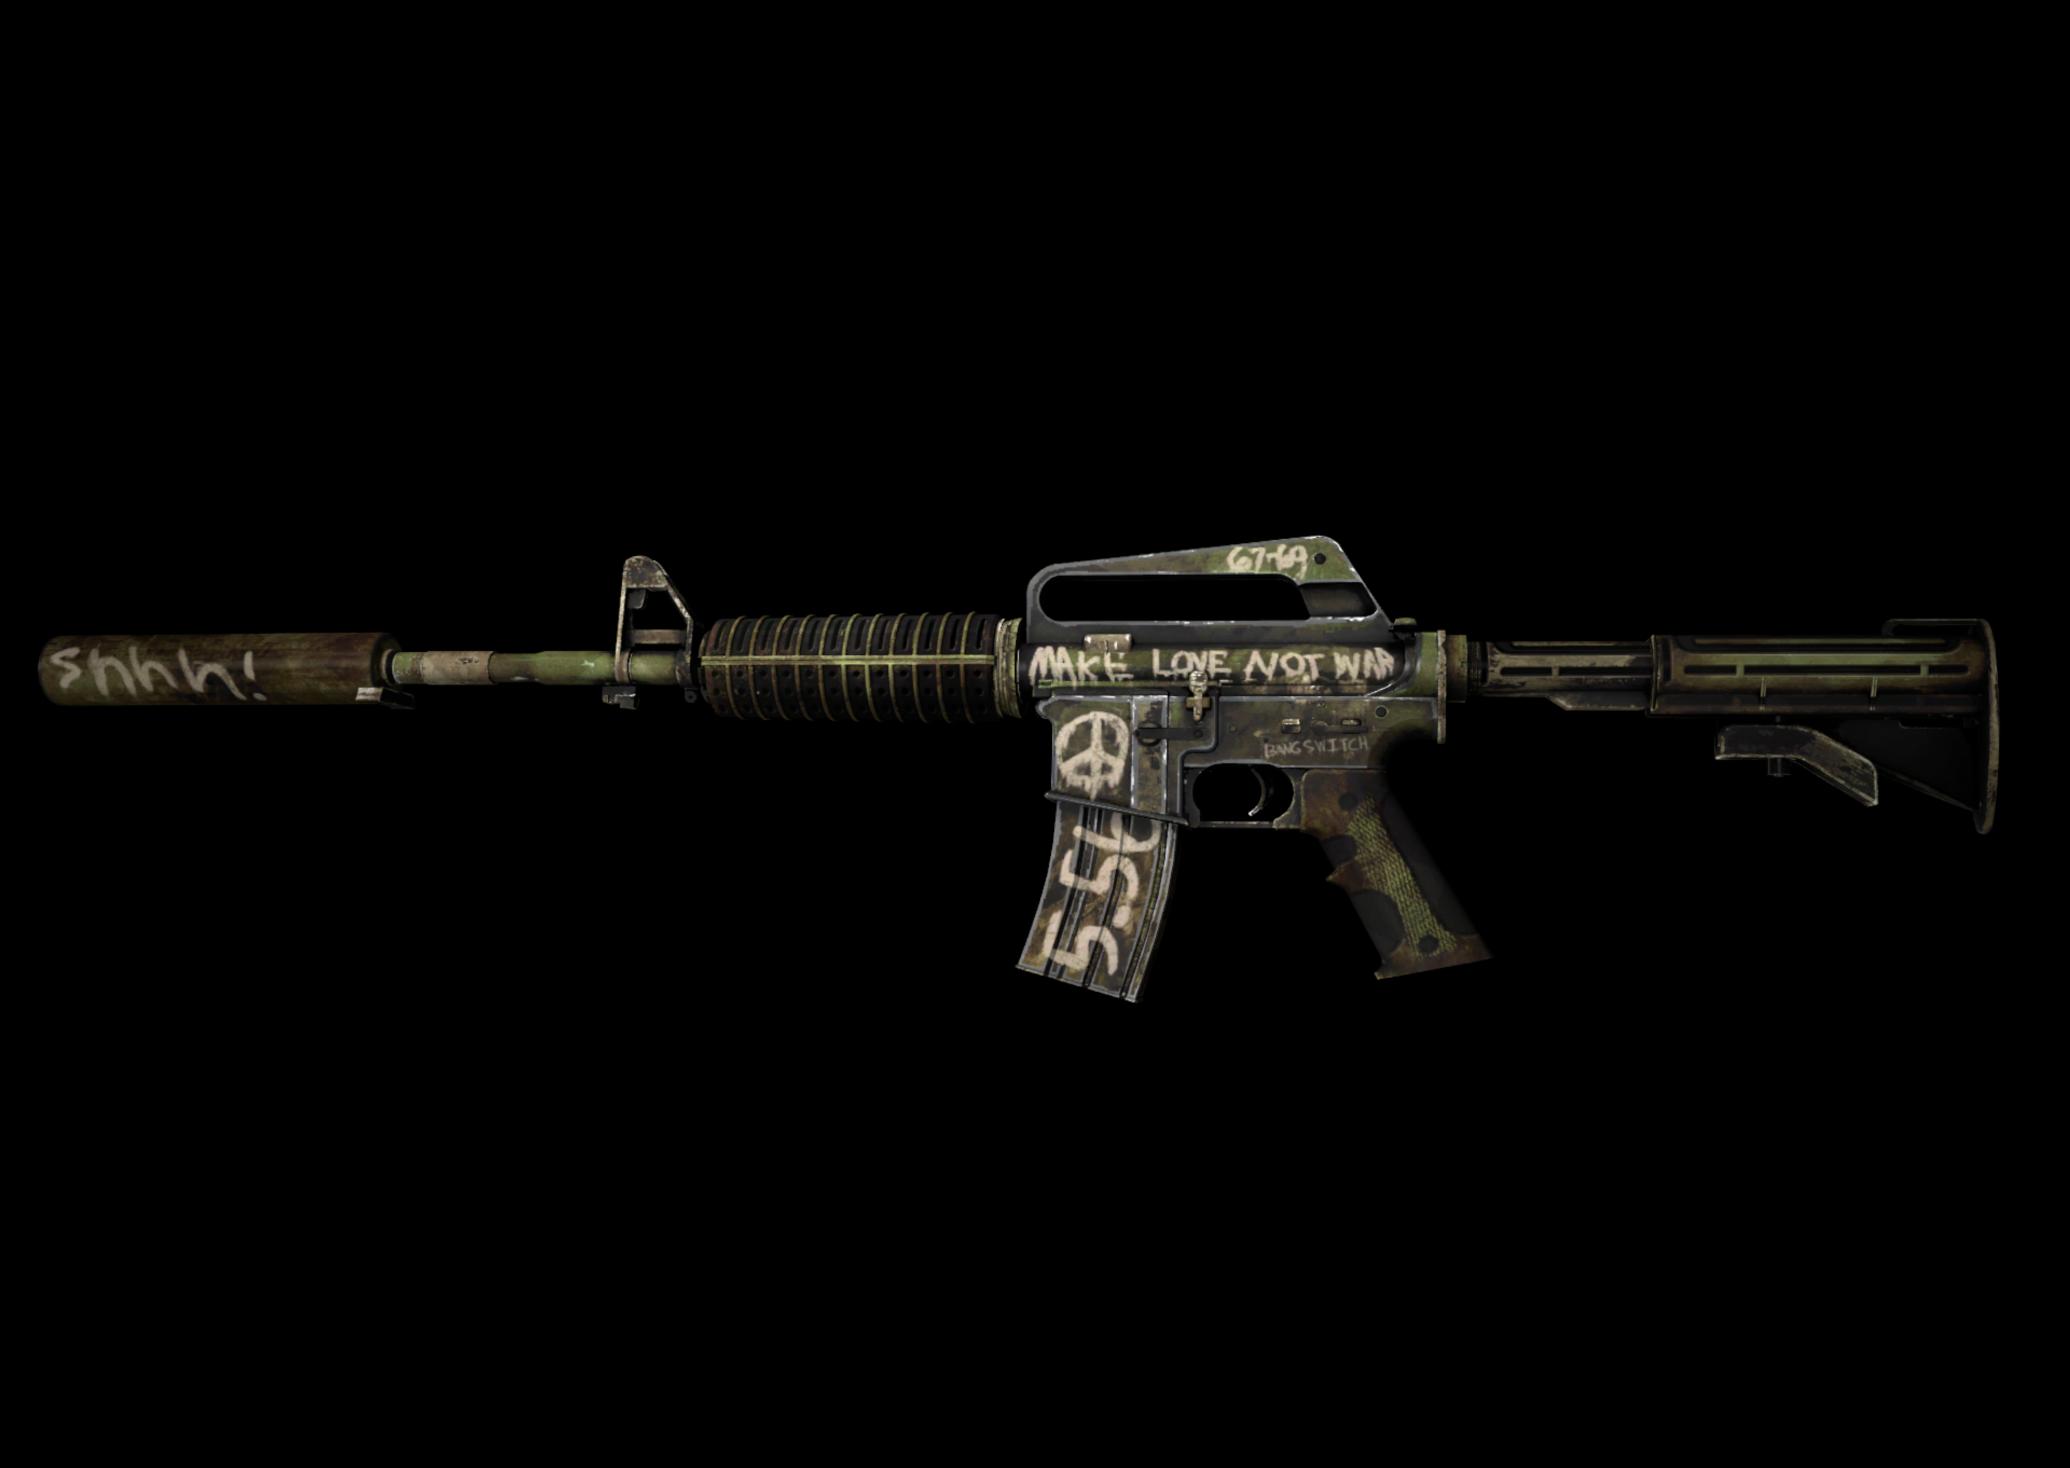 M4A1-S | Взгляд в прошлое — цены, описание скина и паттернов в CS:GO на  CS.MONEY Wiki